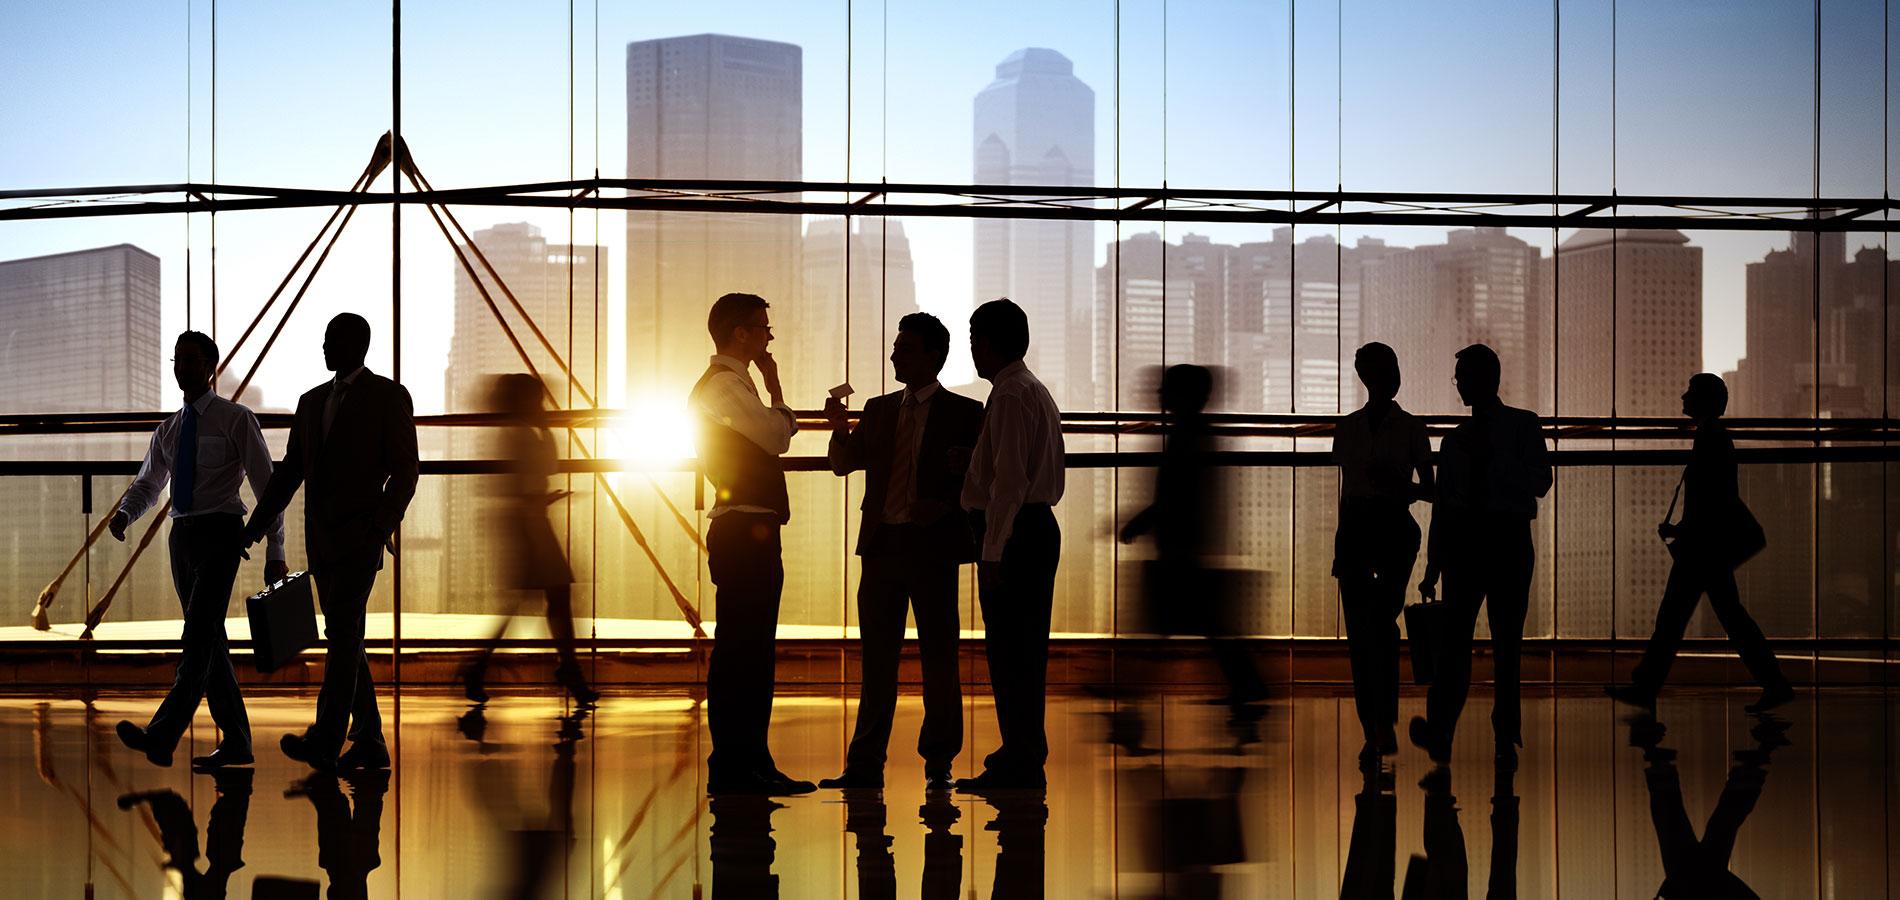 persone in ombra in abito business